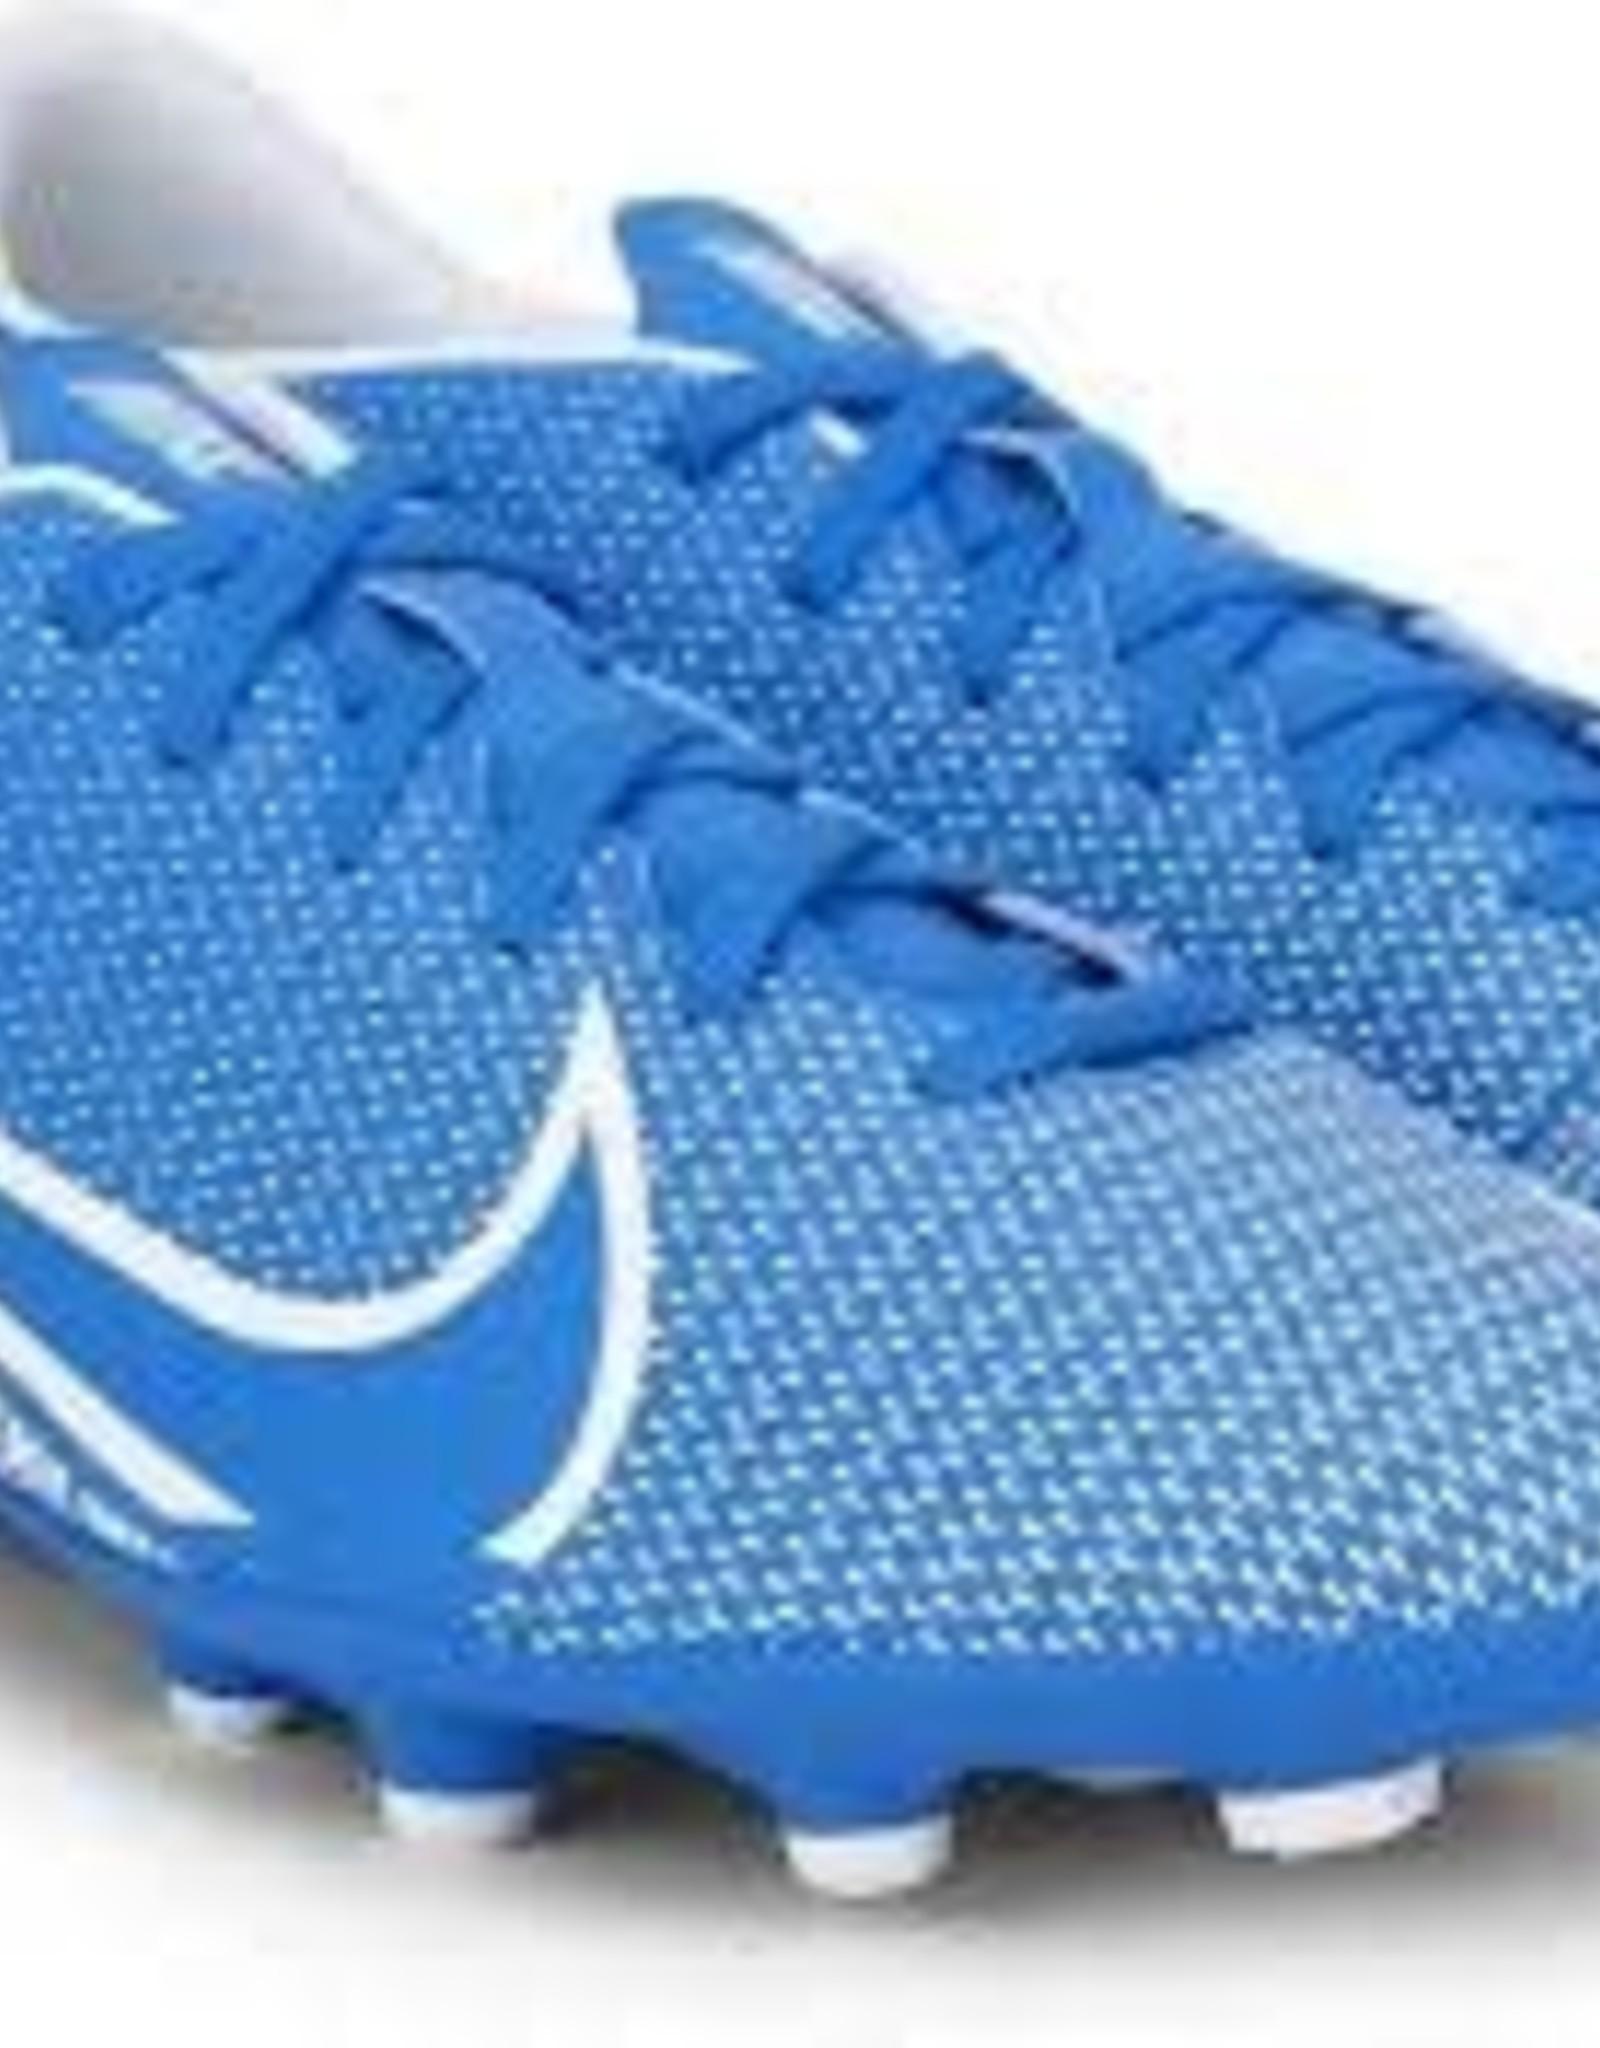 Nike Nike Vapor 13 Club FG/MG